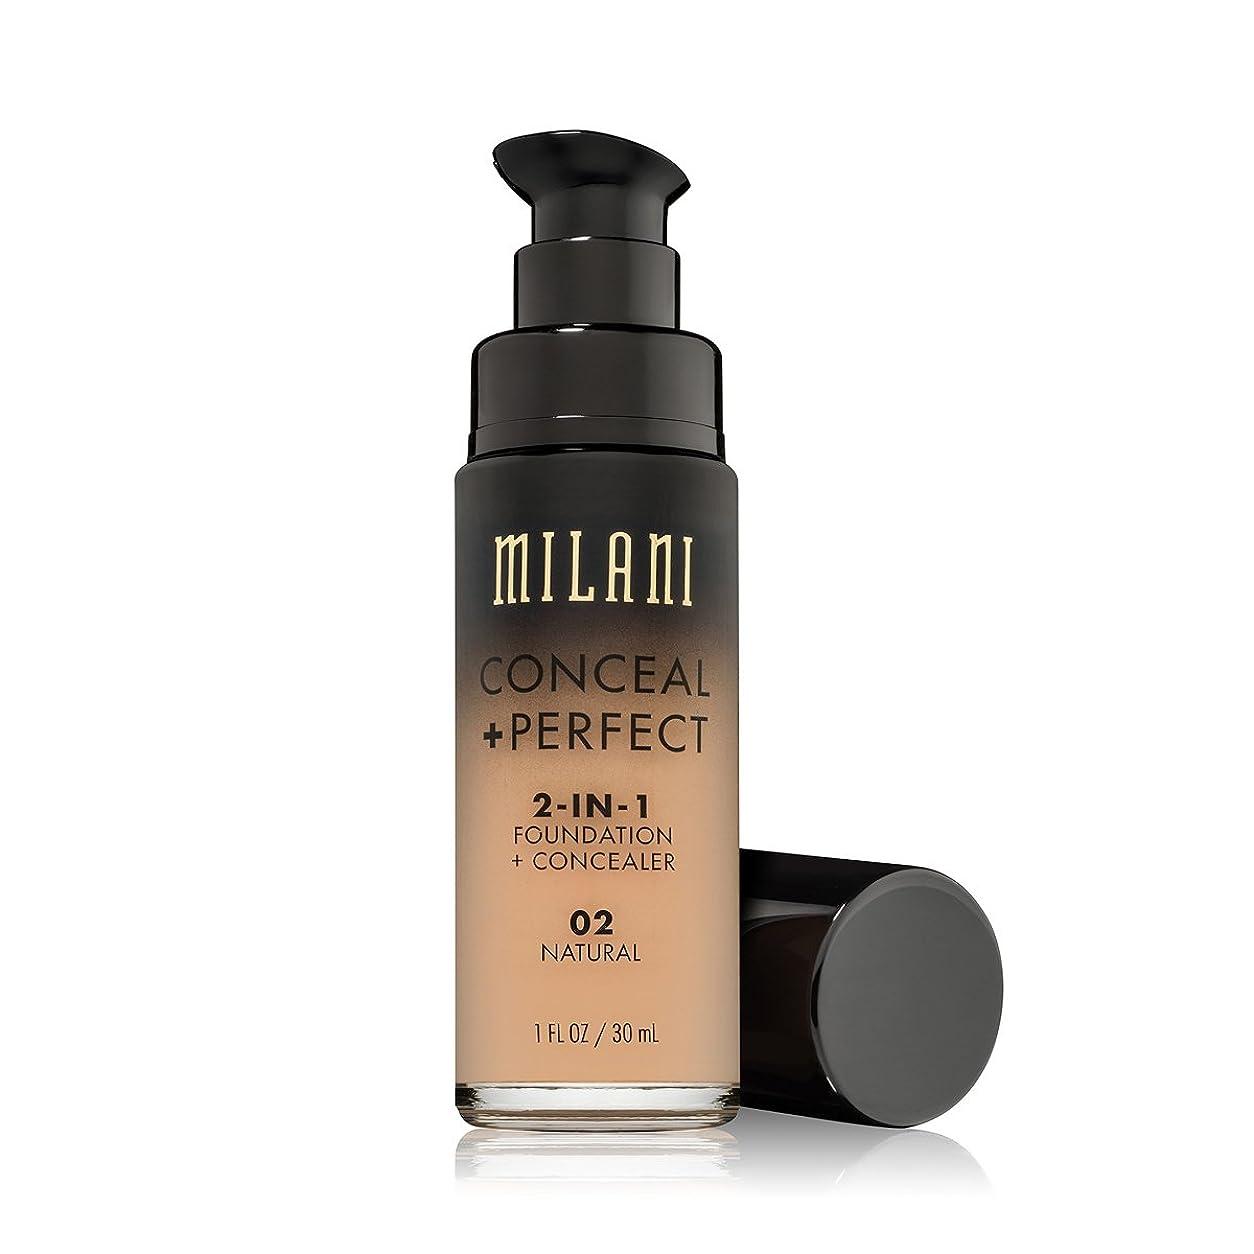 帝国主義ベスビオ山おかしいMILANI Conceal + Perfect 2-In-1 Foundation + Concealer - Natural (並行輸入品)